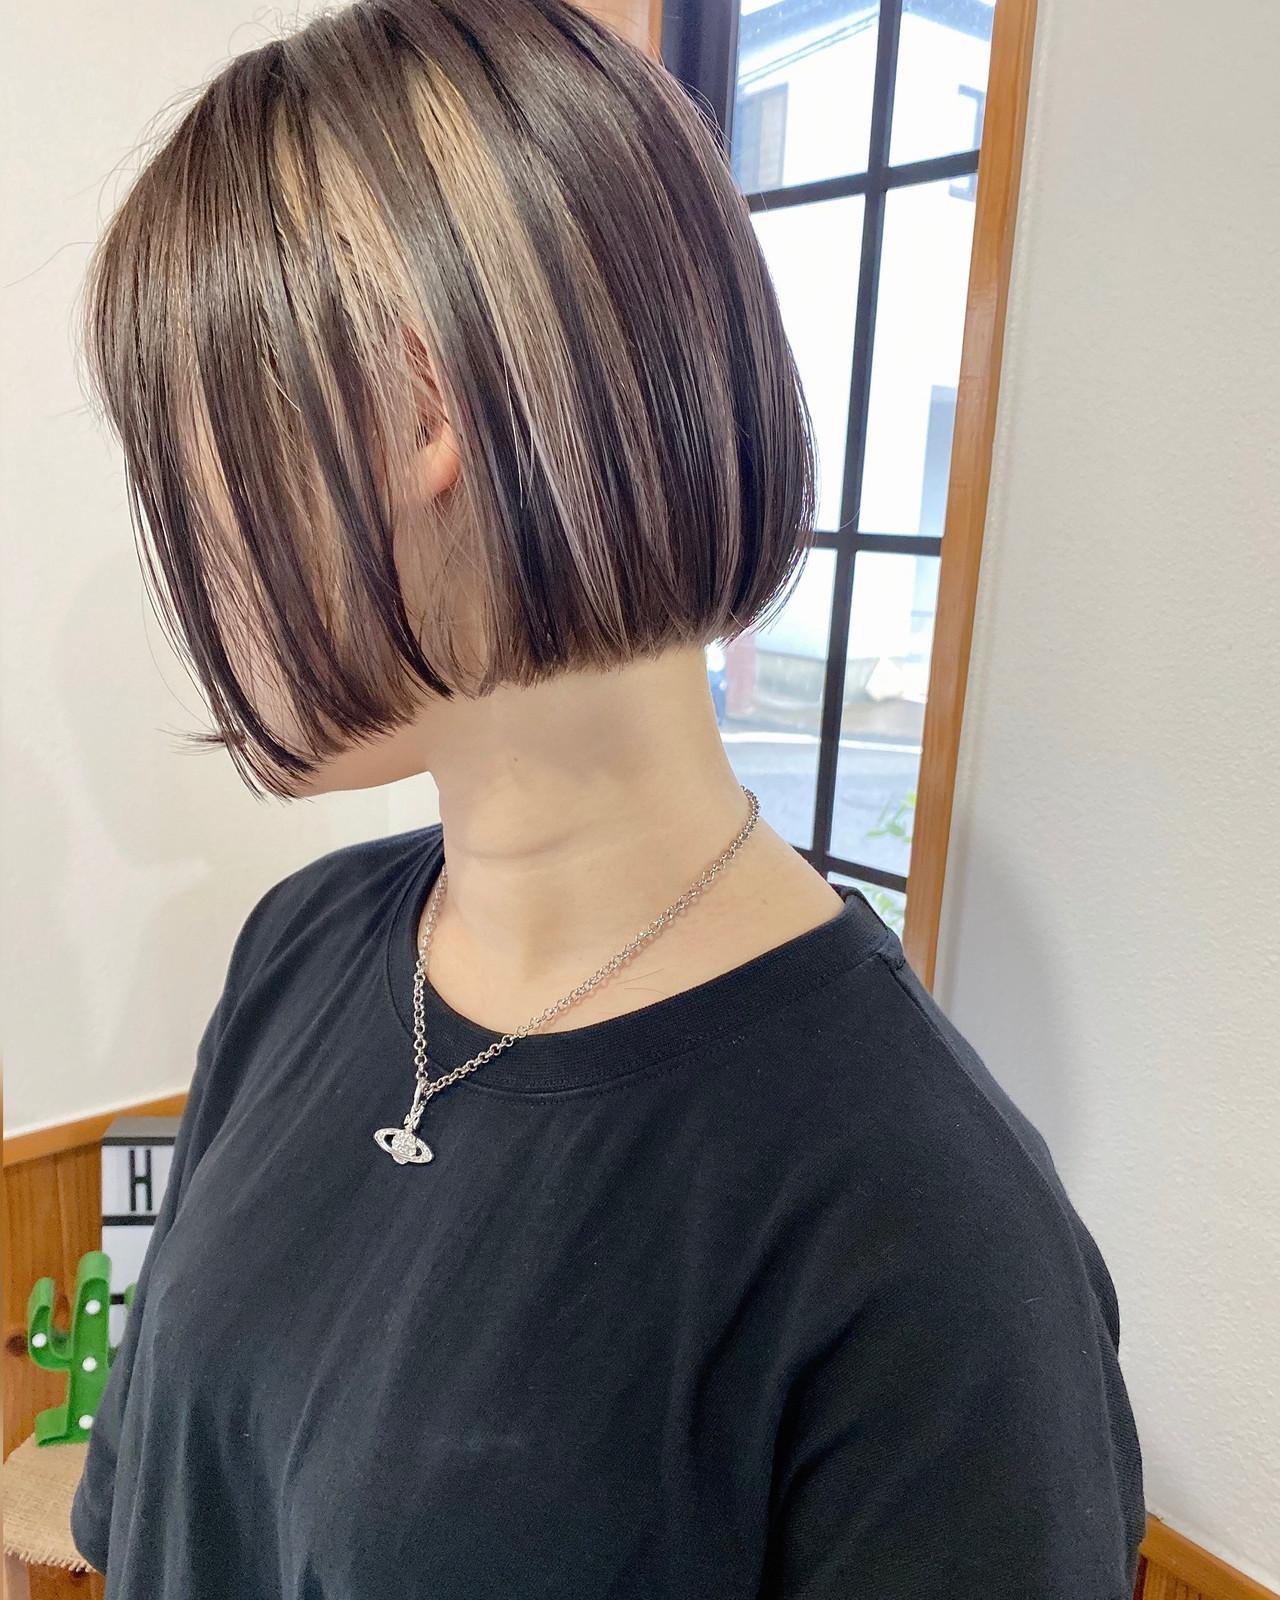 ショートボブ 切りっぱなしボブ ミニボブ インナーカラー ヘアスタイルや髪型の写真・画像 | 岩切 祐樹 / hair make No.8